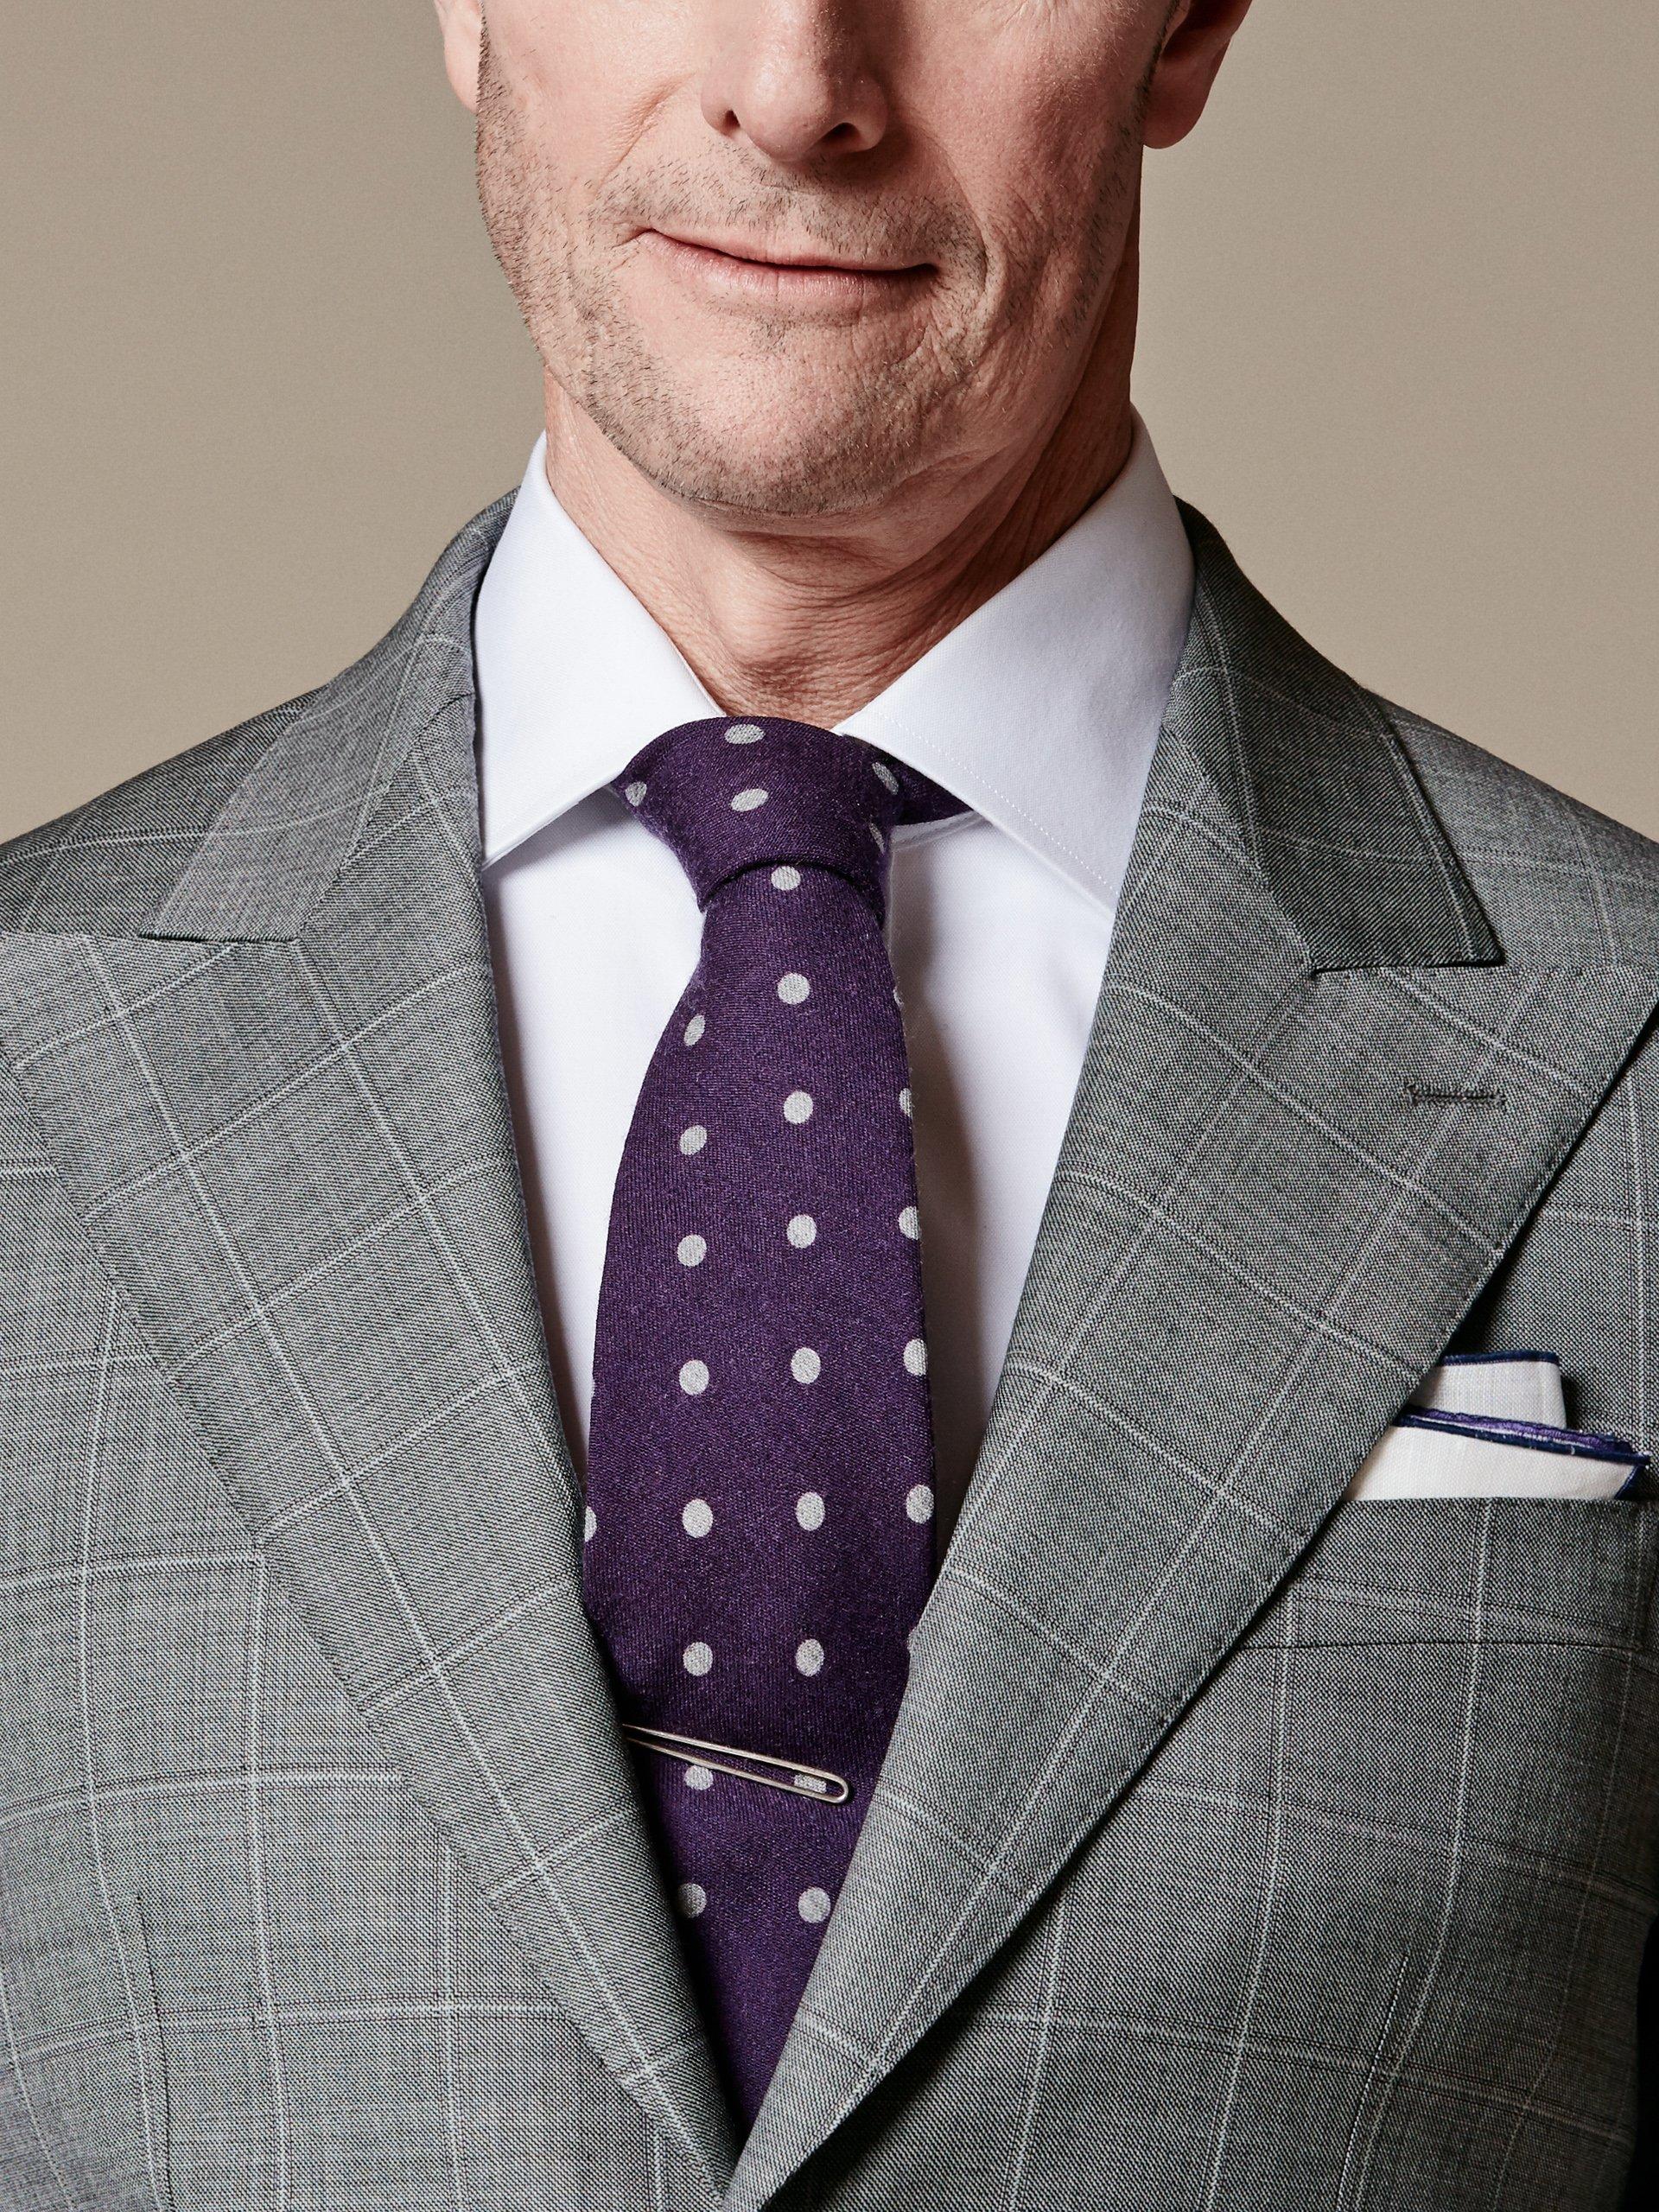 Ausführliche Anleitung für Half Windsor Krawattenknoten